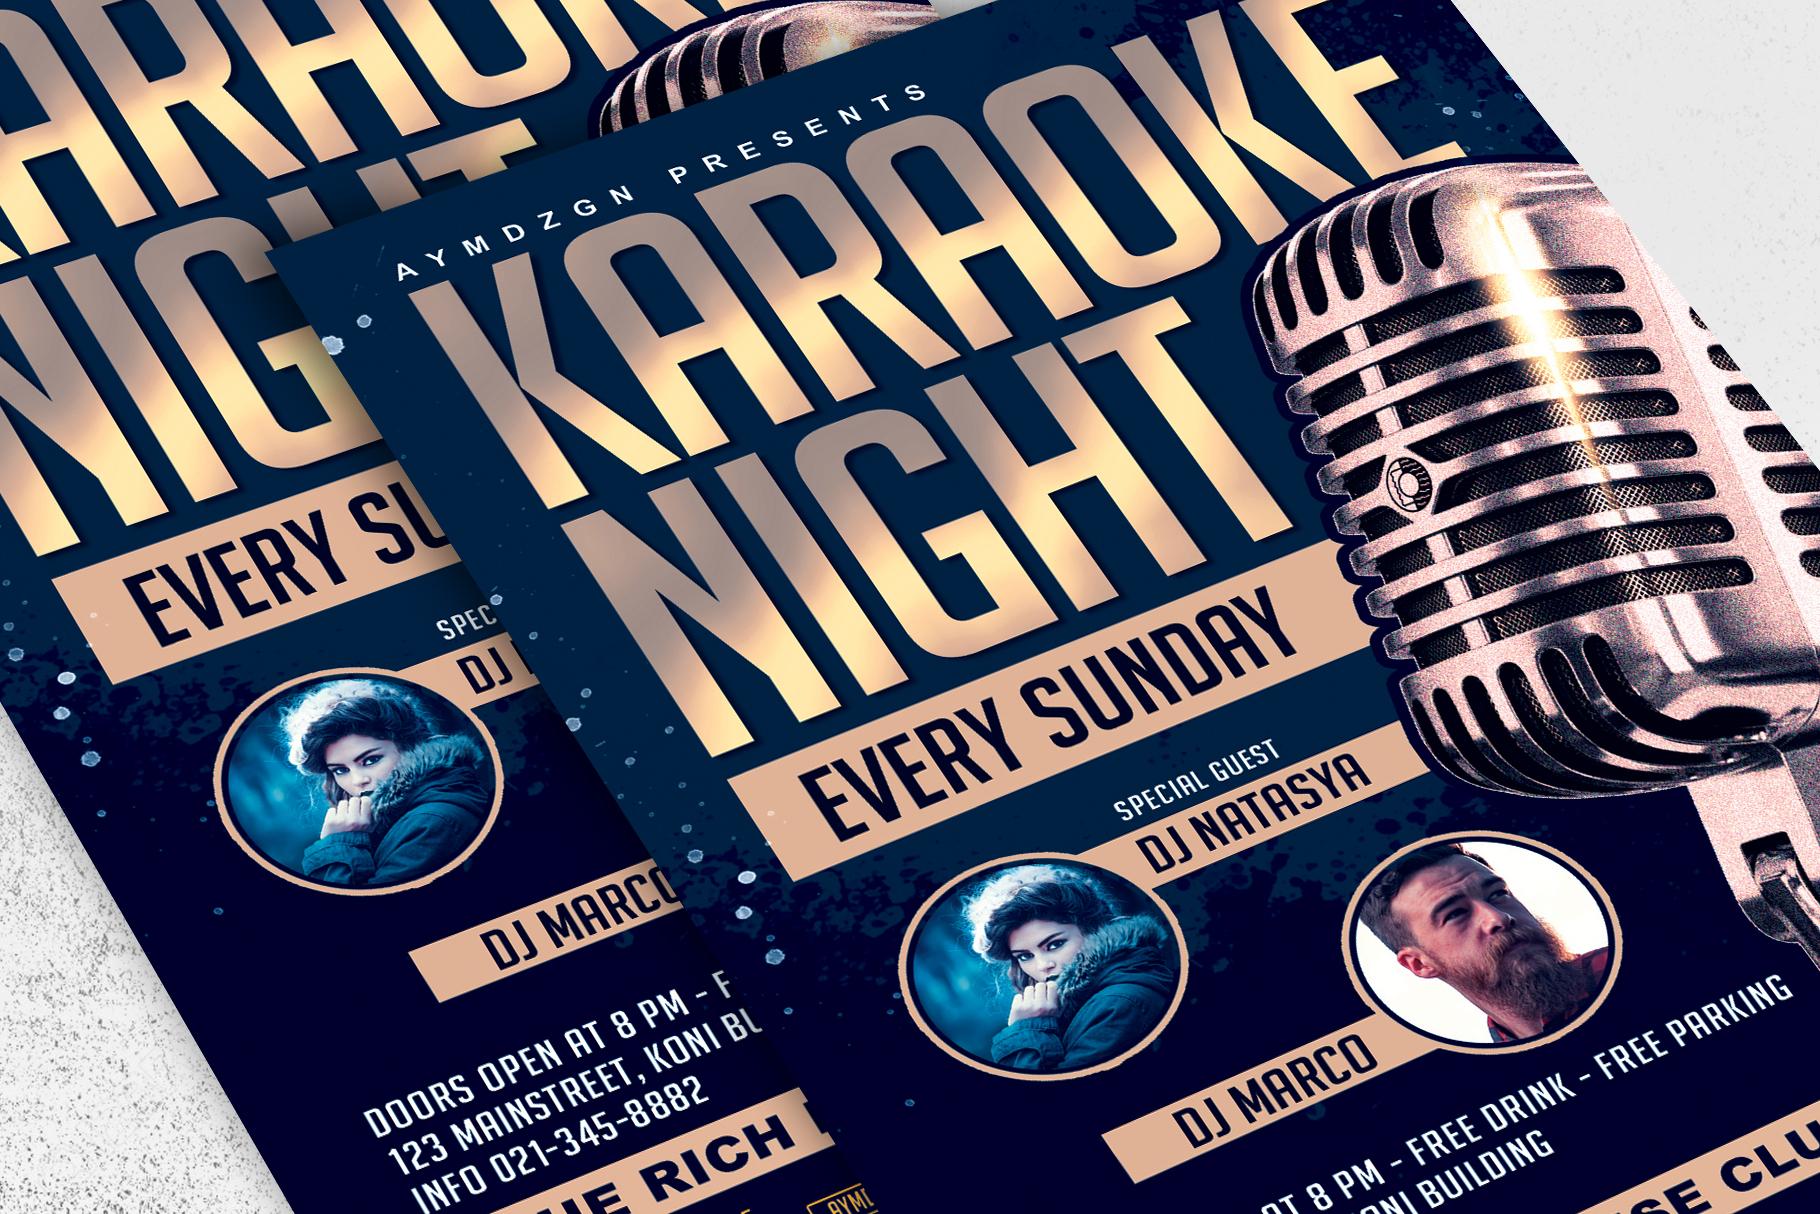 Karaoke Night Flyer example image 2